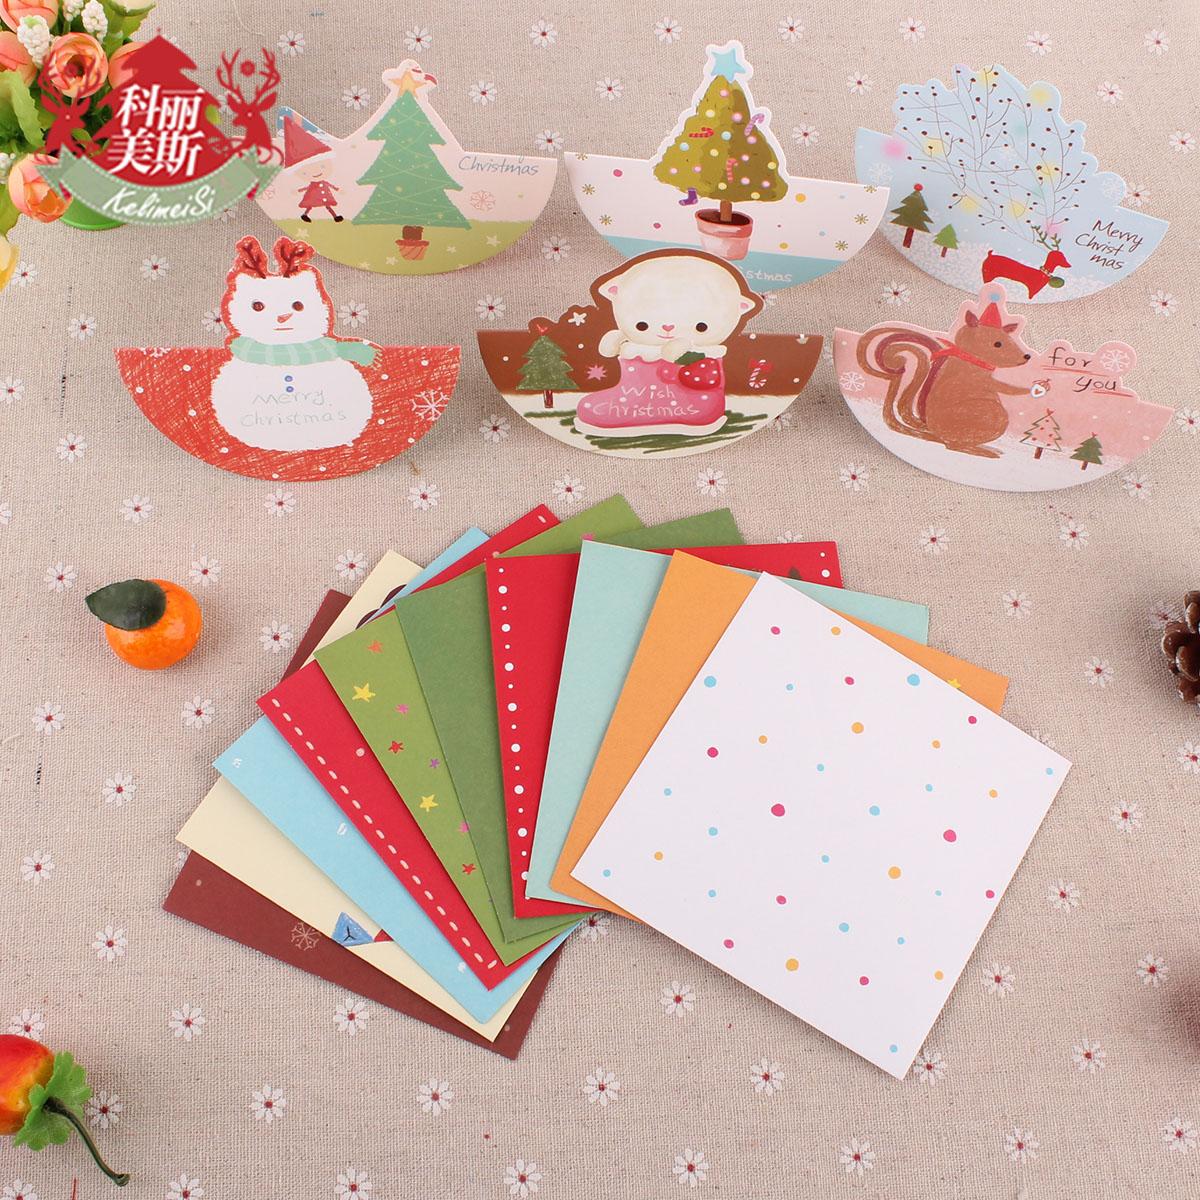 China Diy Christmas Card China Diy Christmas Card Shopping Guide At